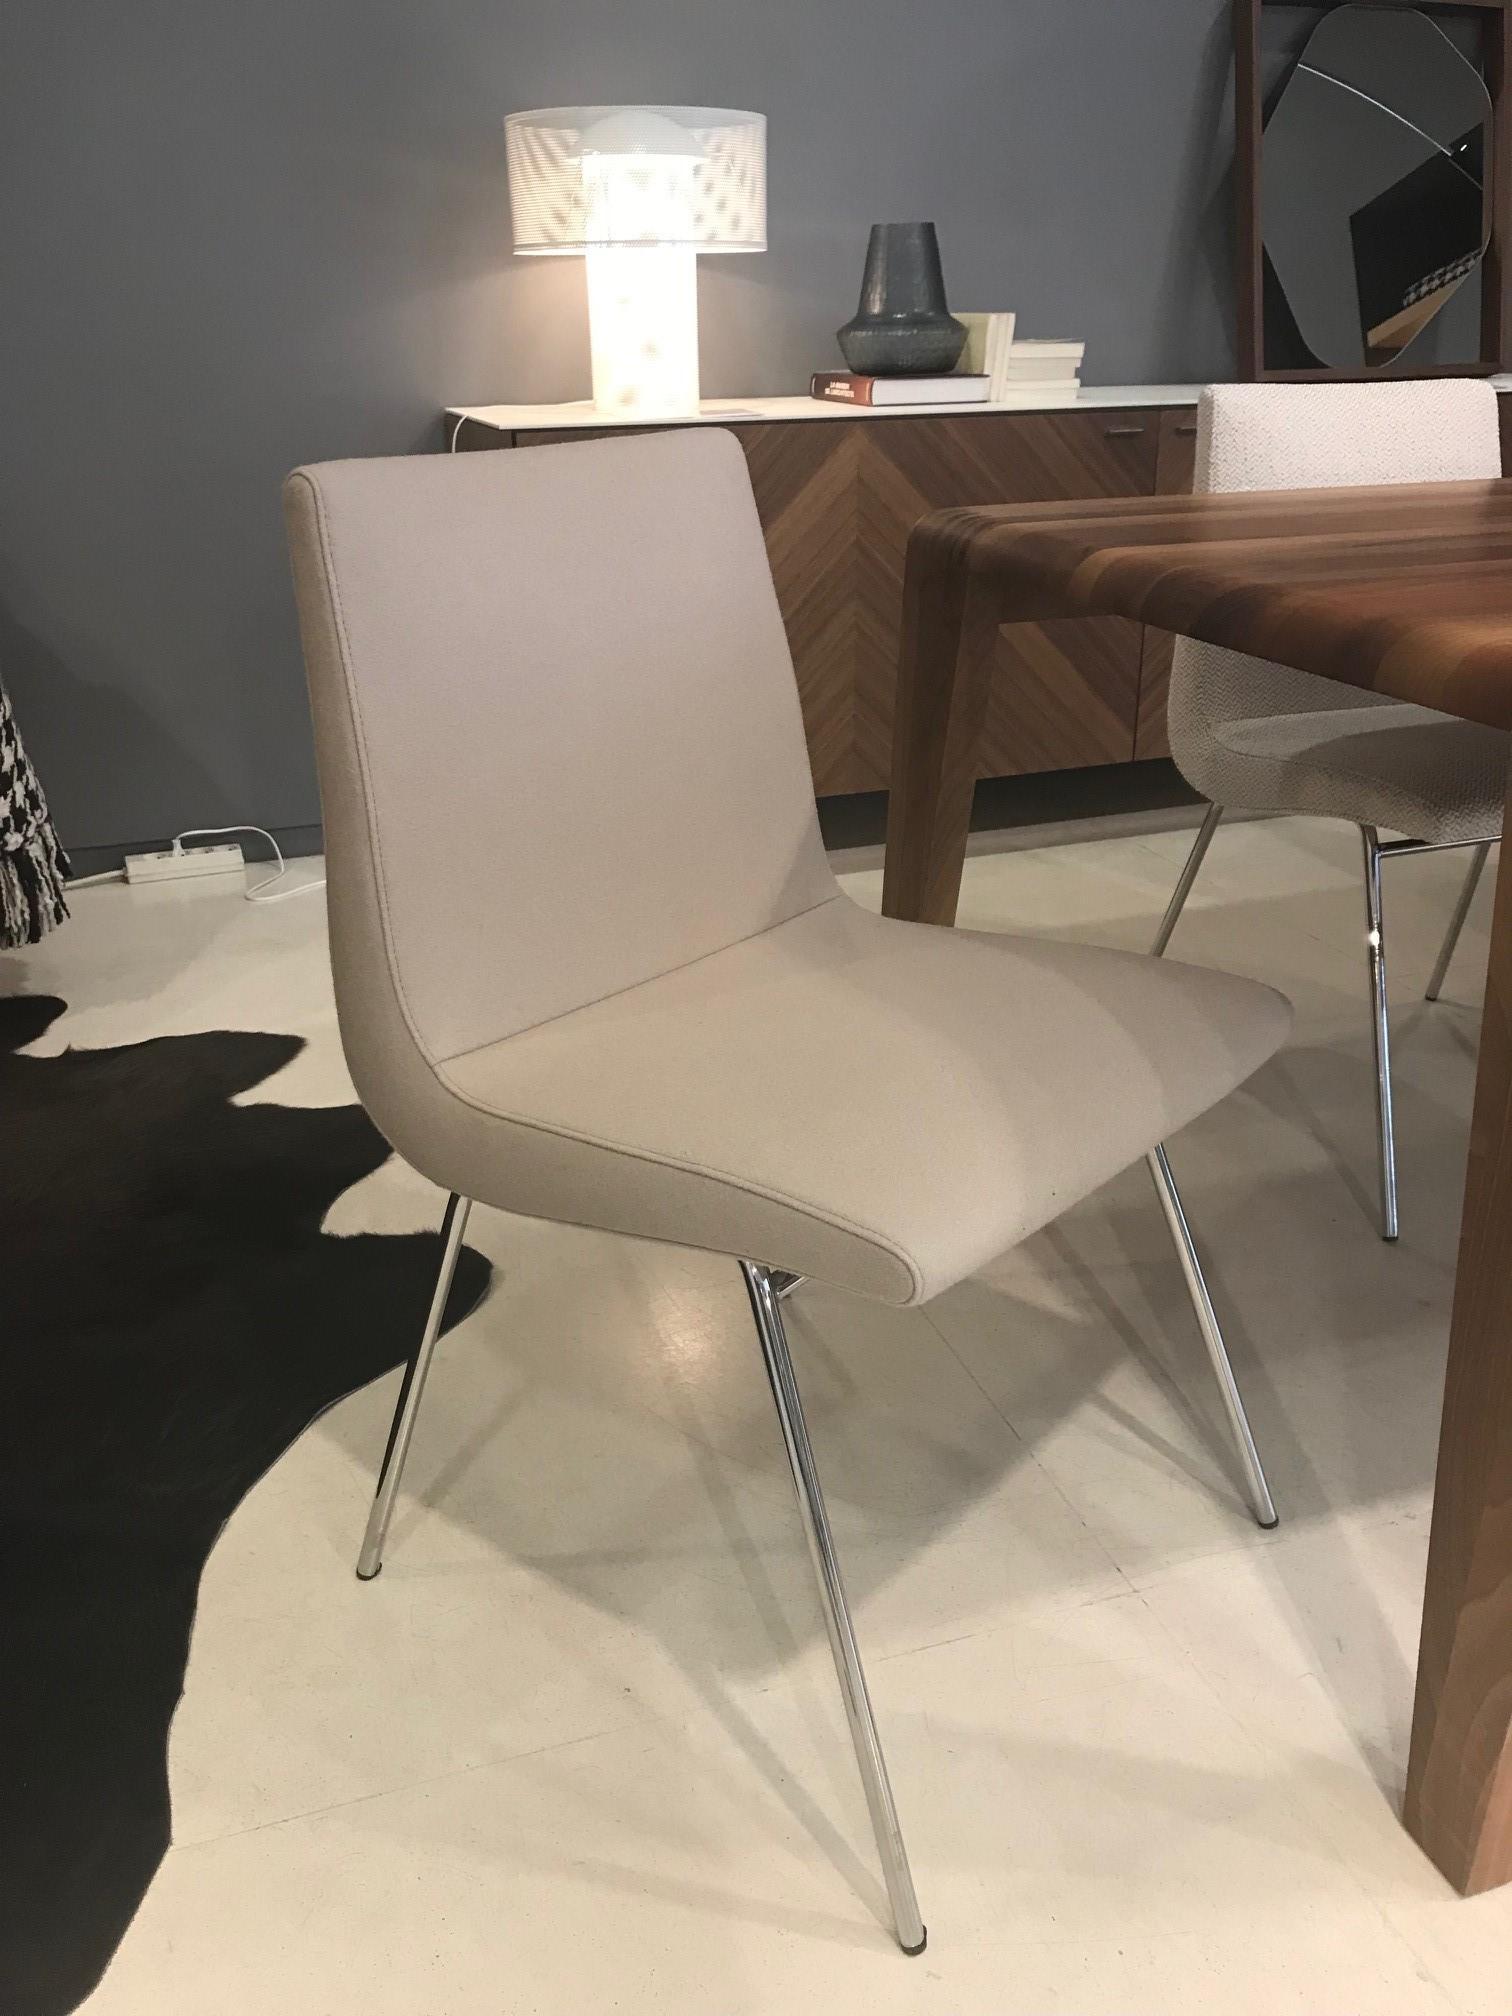 Ligne roset ameublement haut de gamme contemporain meubles design - Ligne roset meuble tv ...